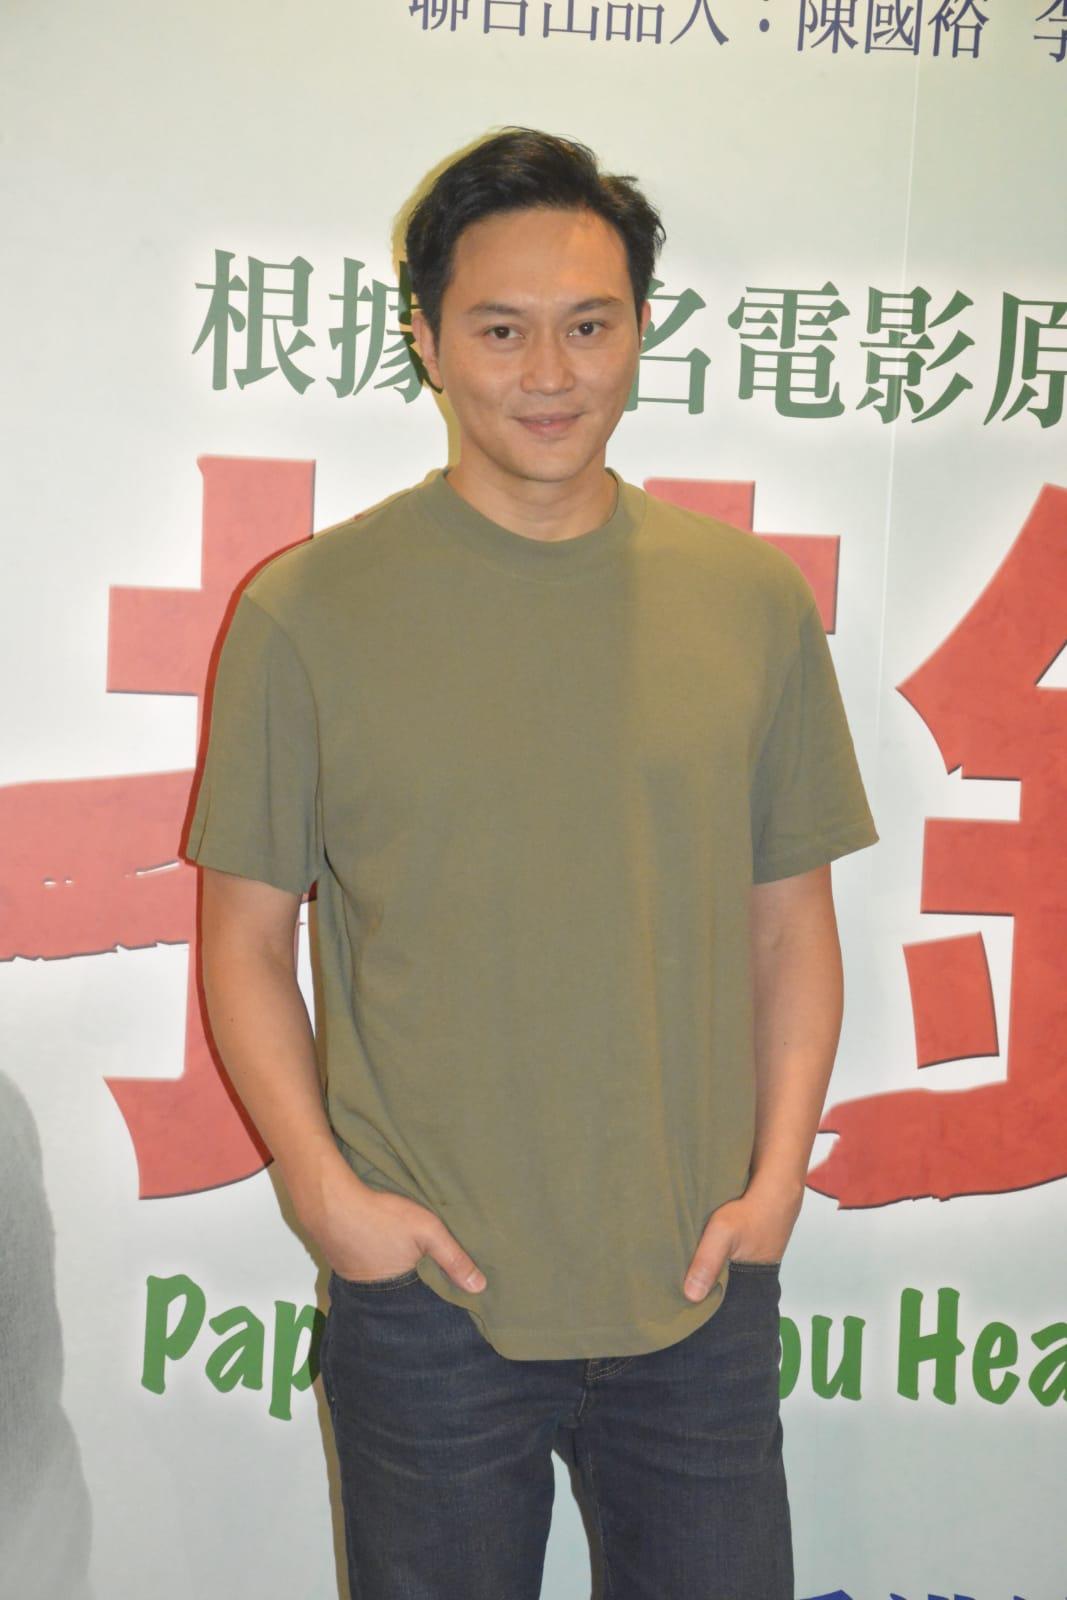 張智霖承認約滿蕭定一公司,暫無意再簽公司。